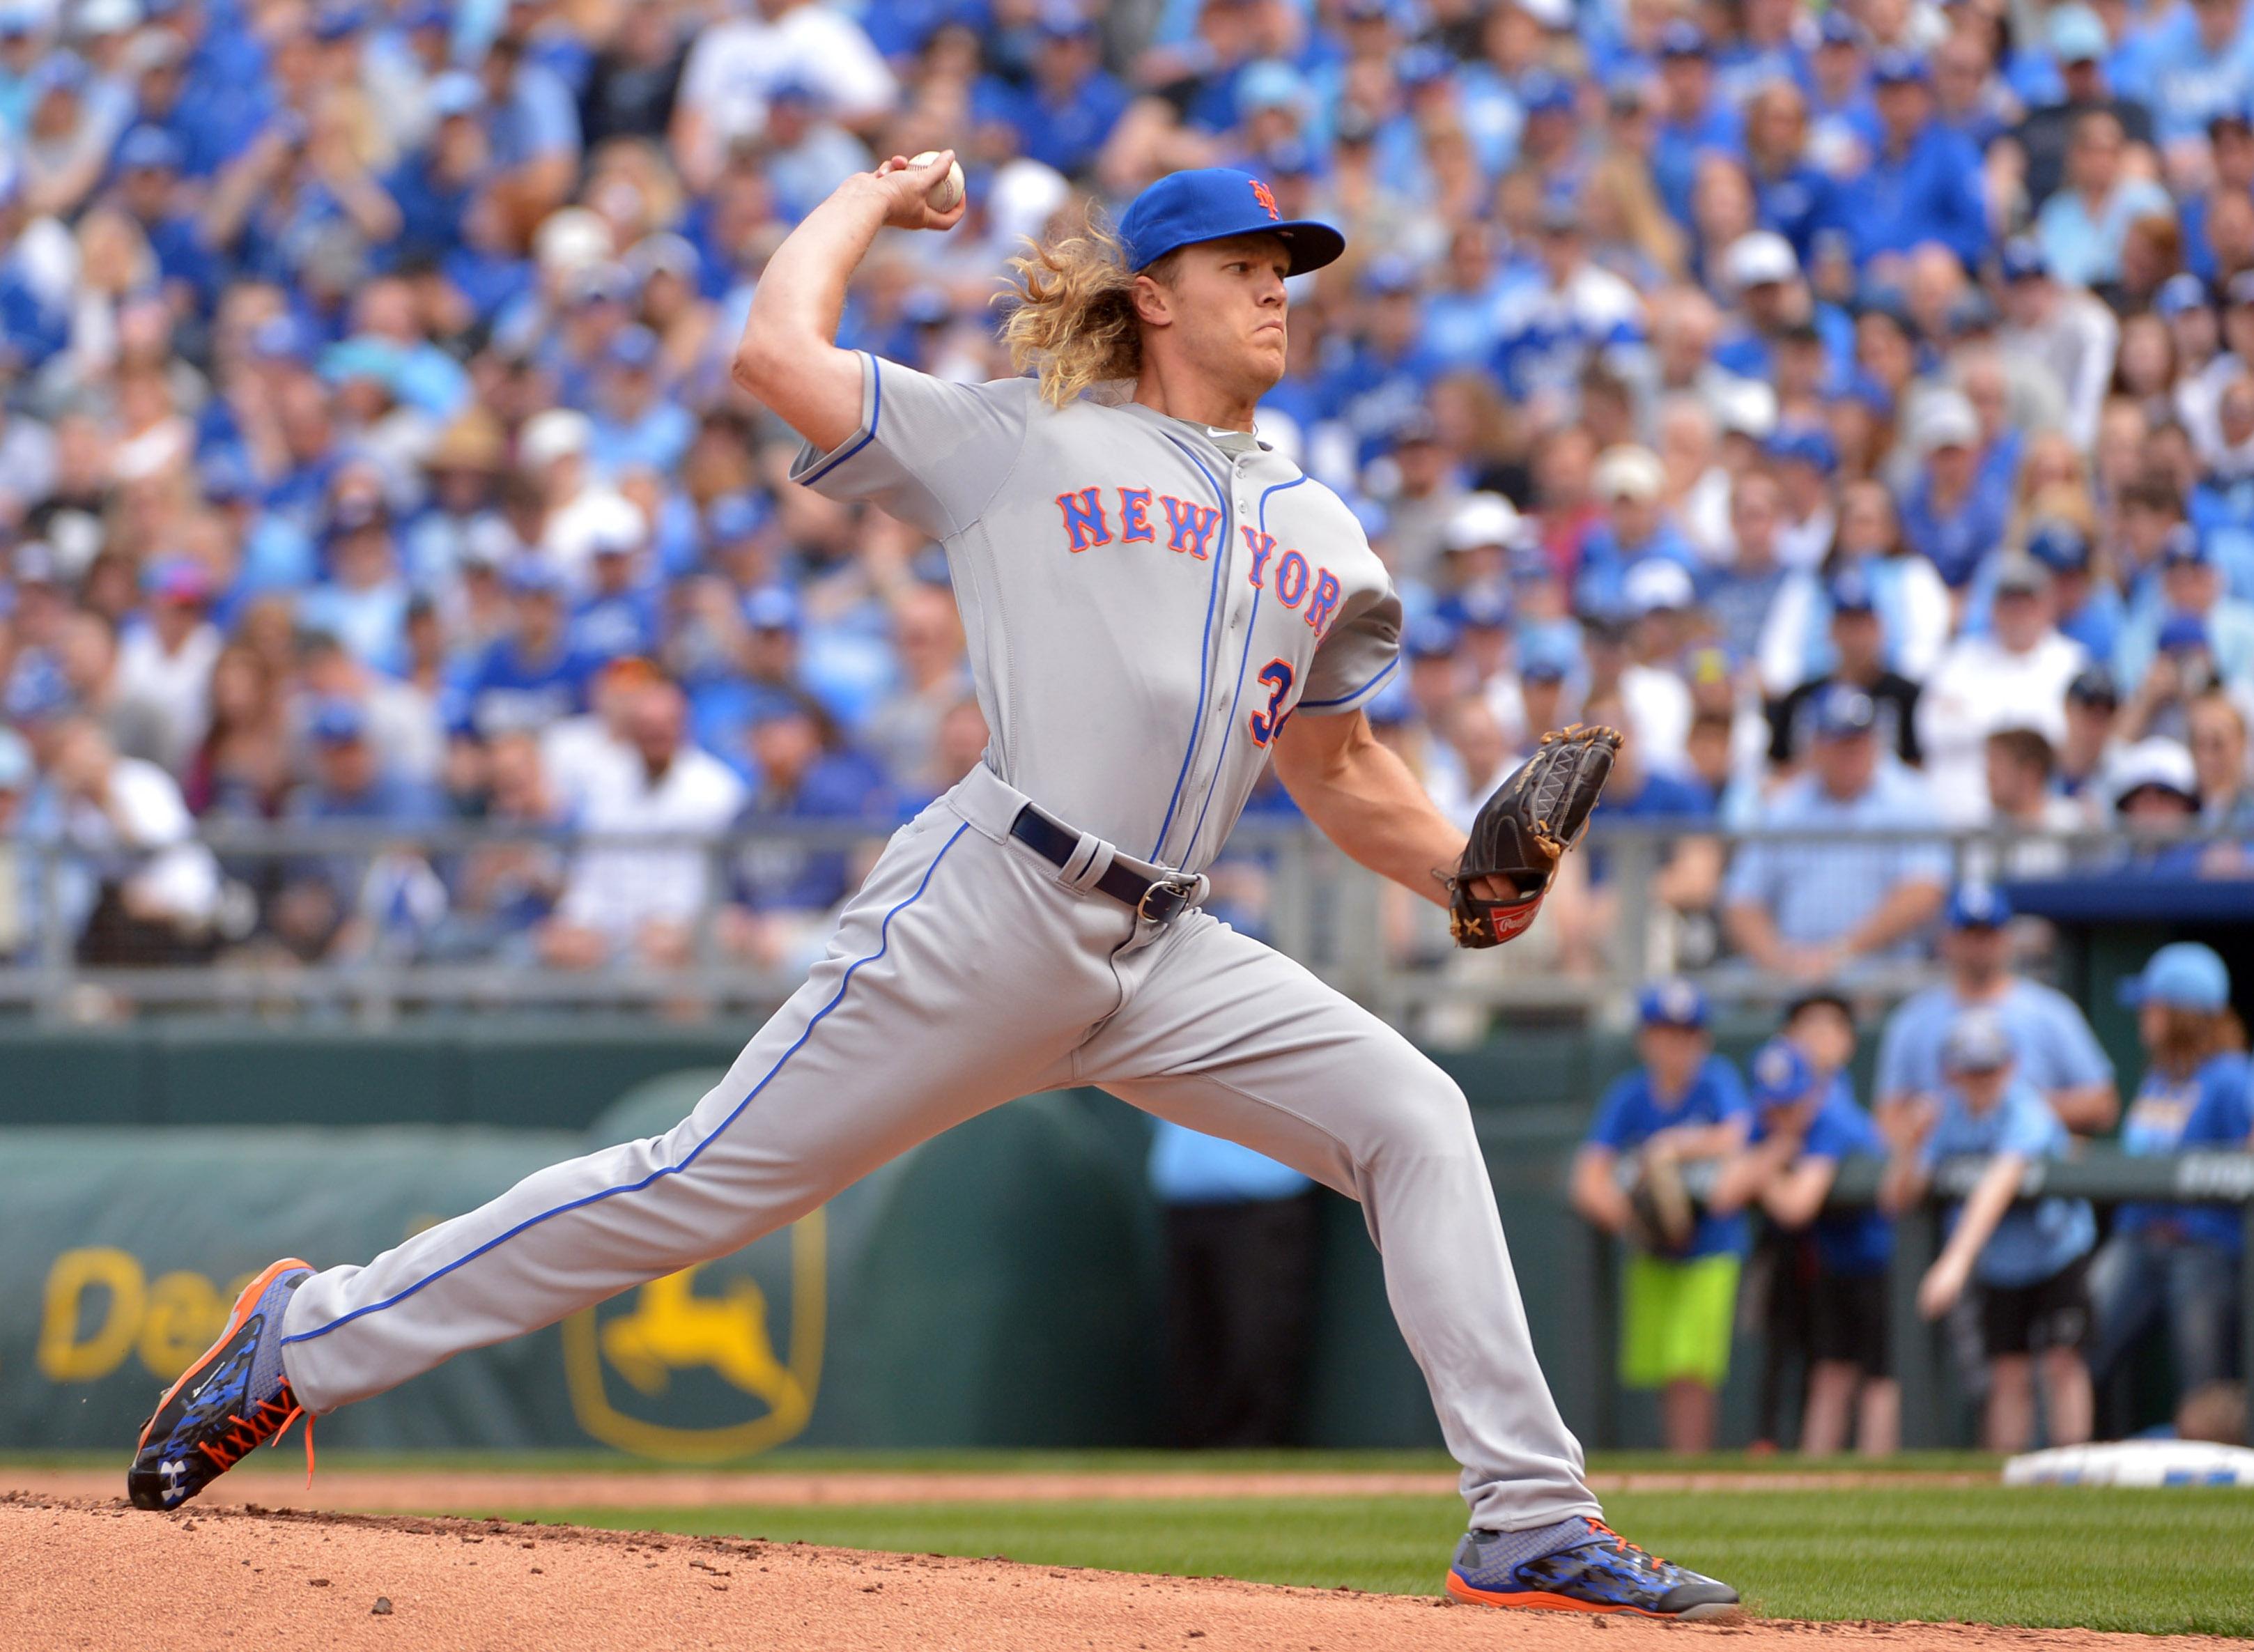 MLB: New York Mets at Kansas City Royals